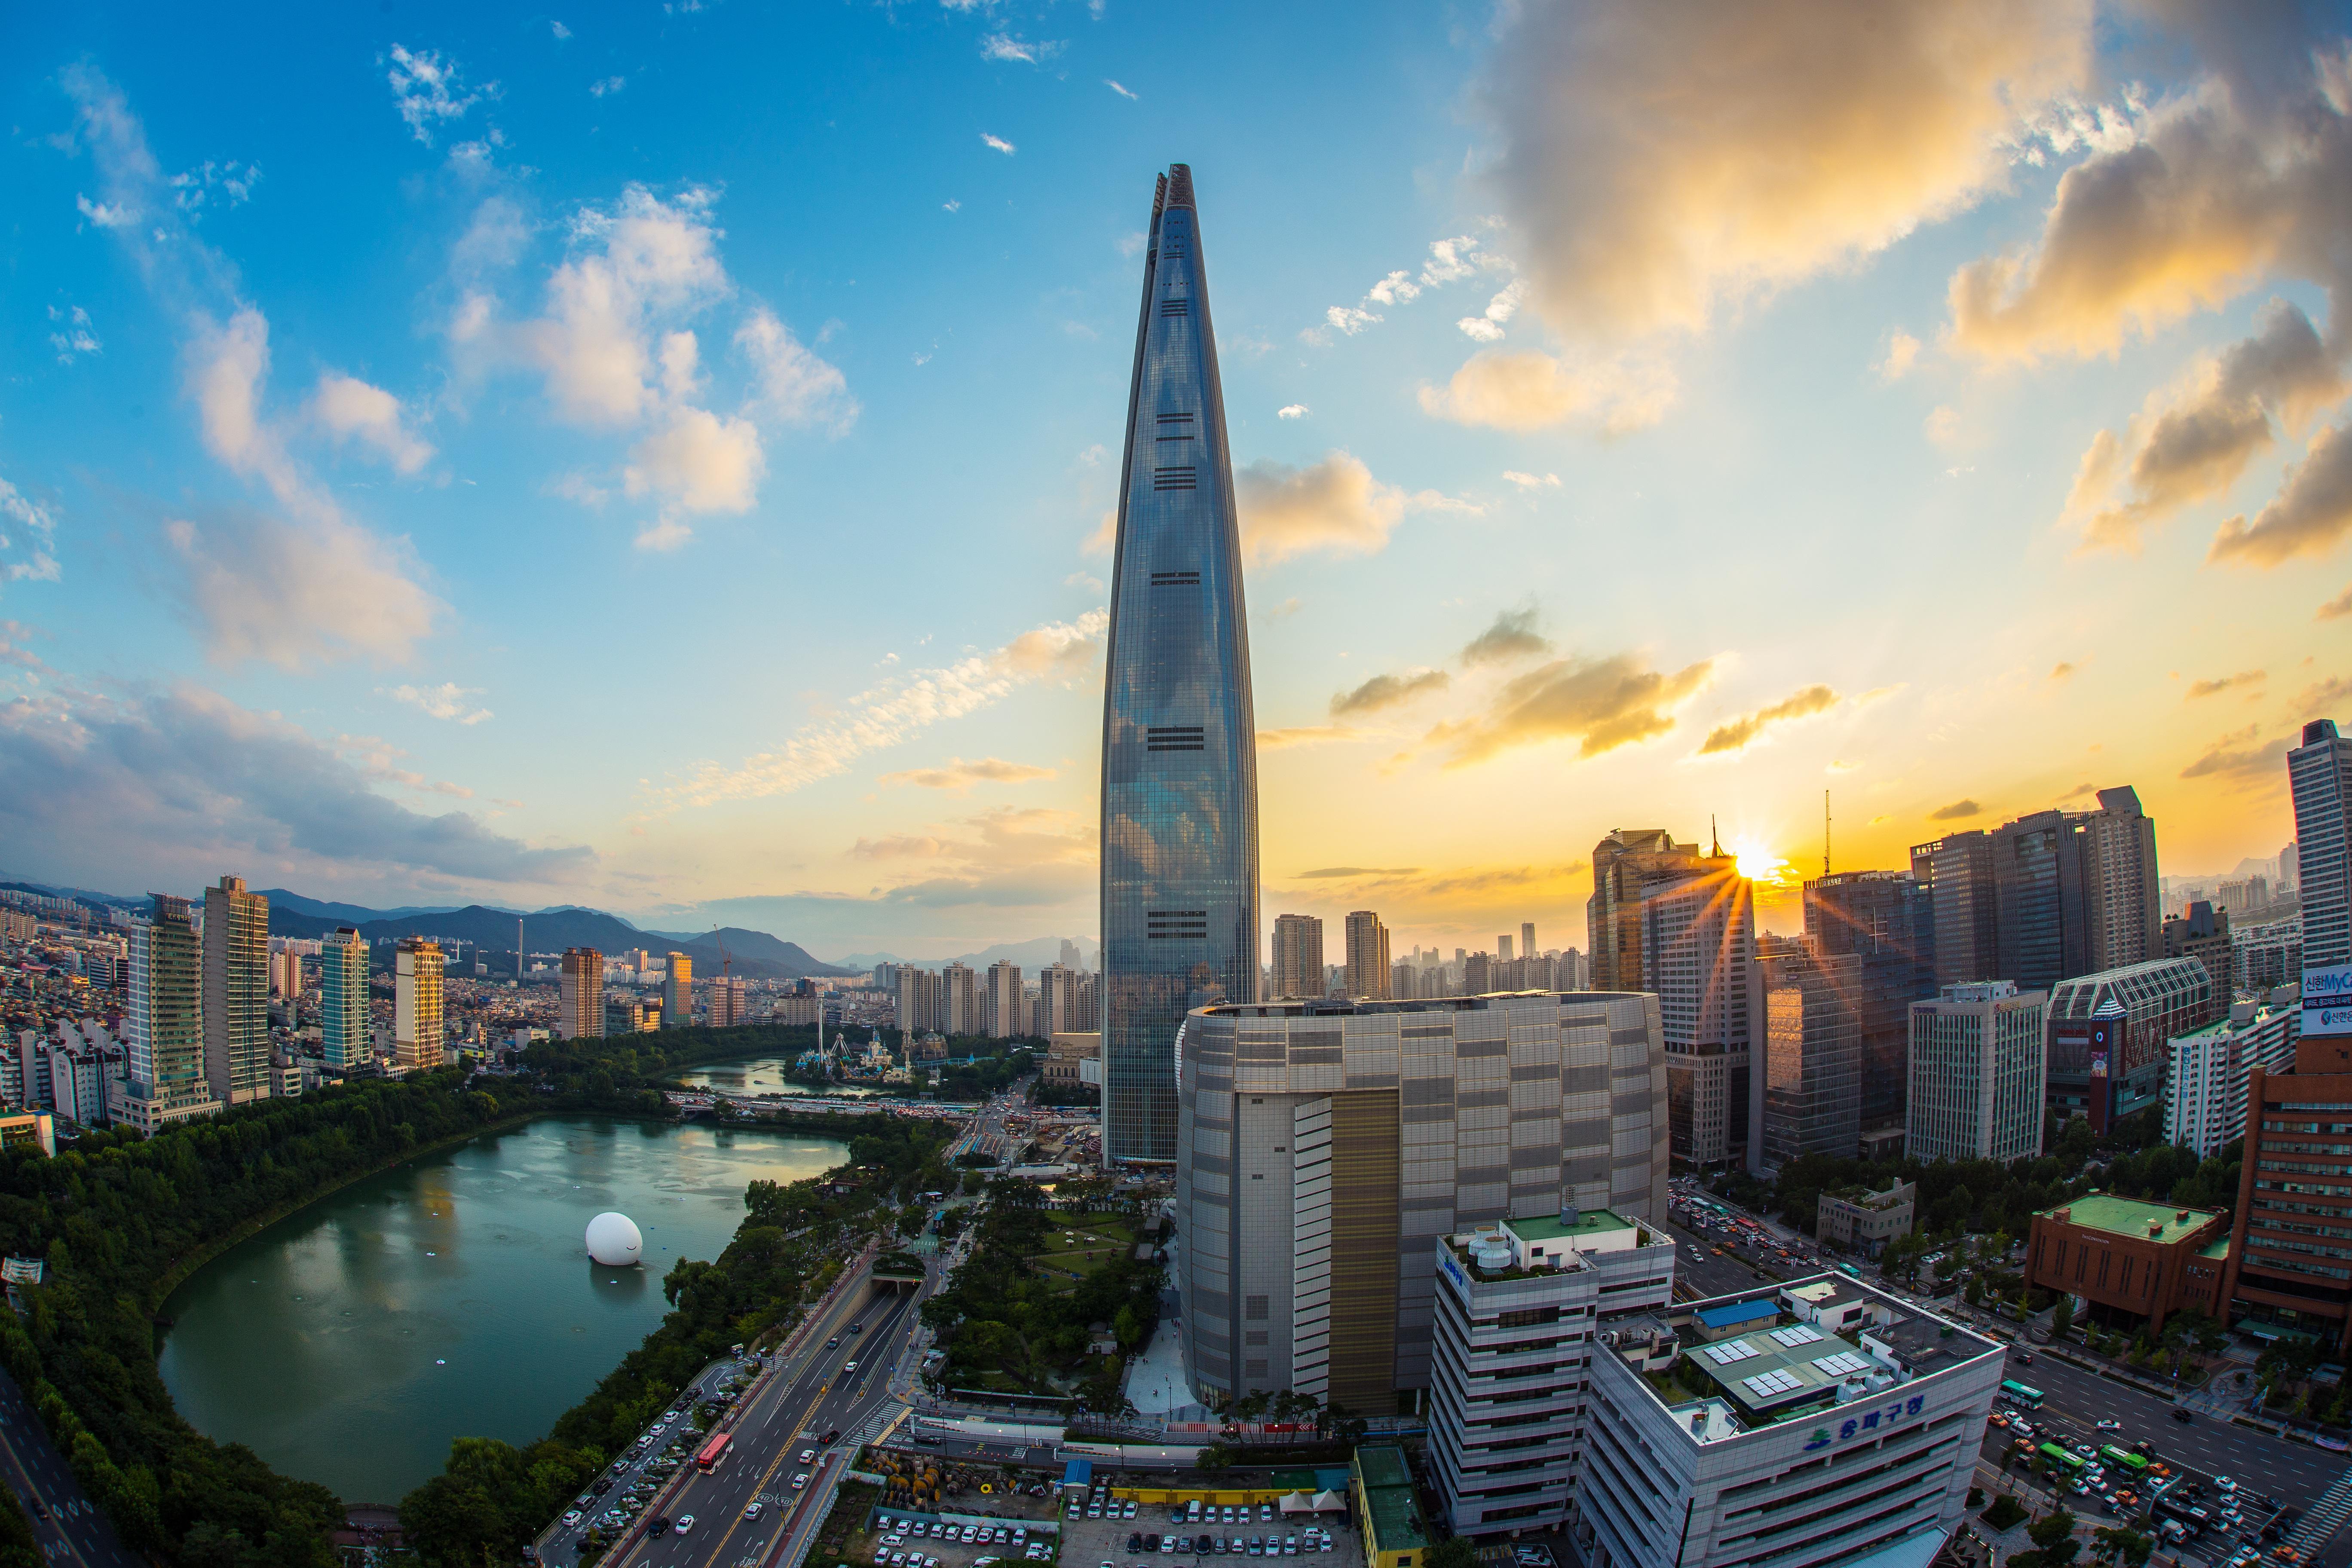 环球重庆韩国存款投资移民客户分